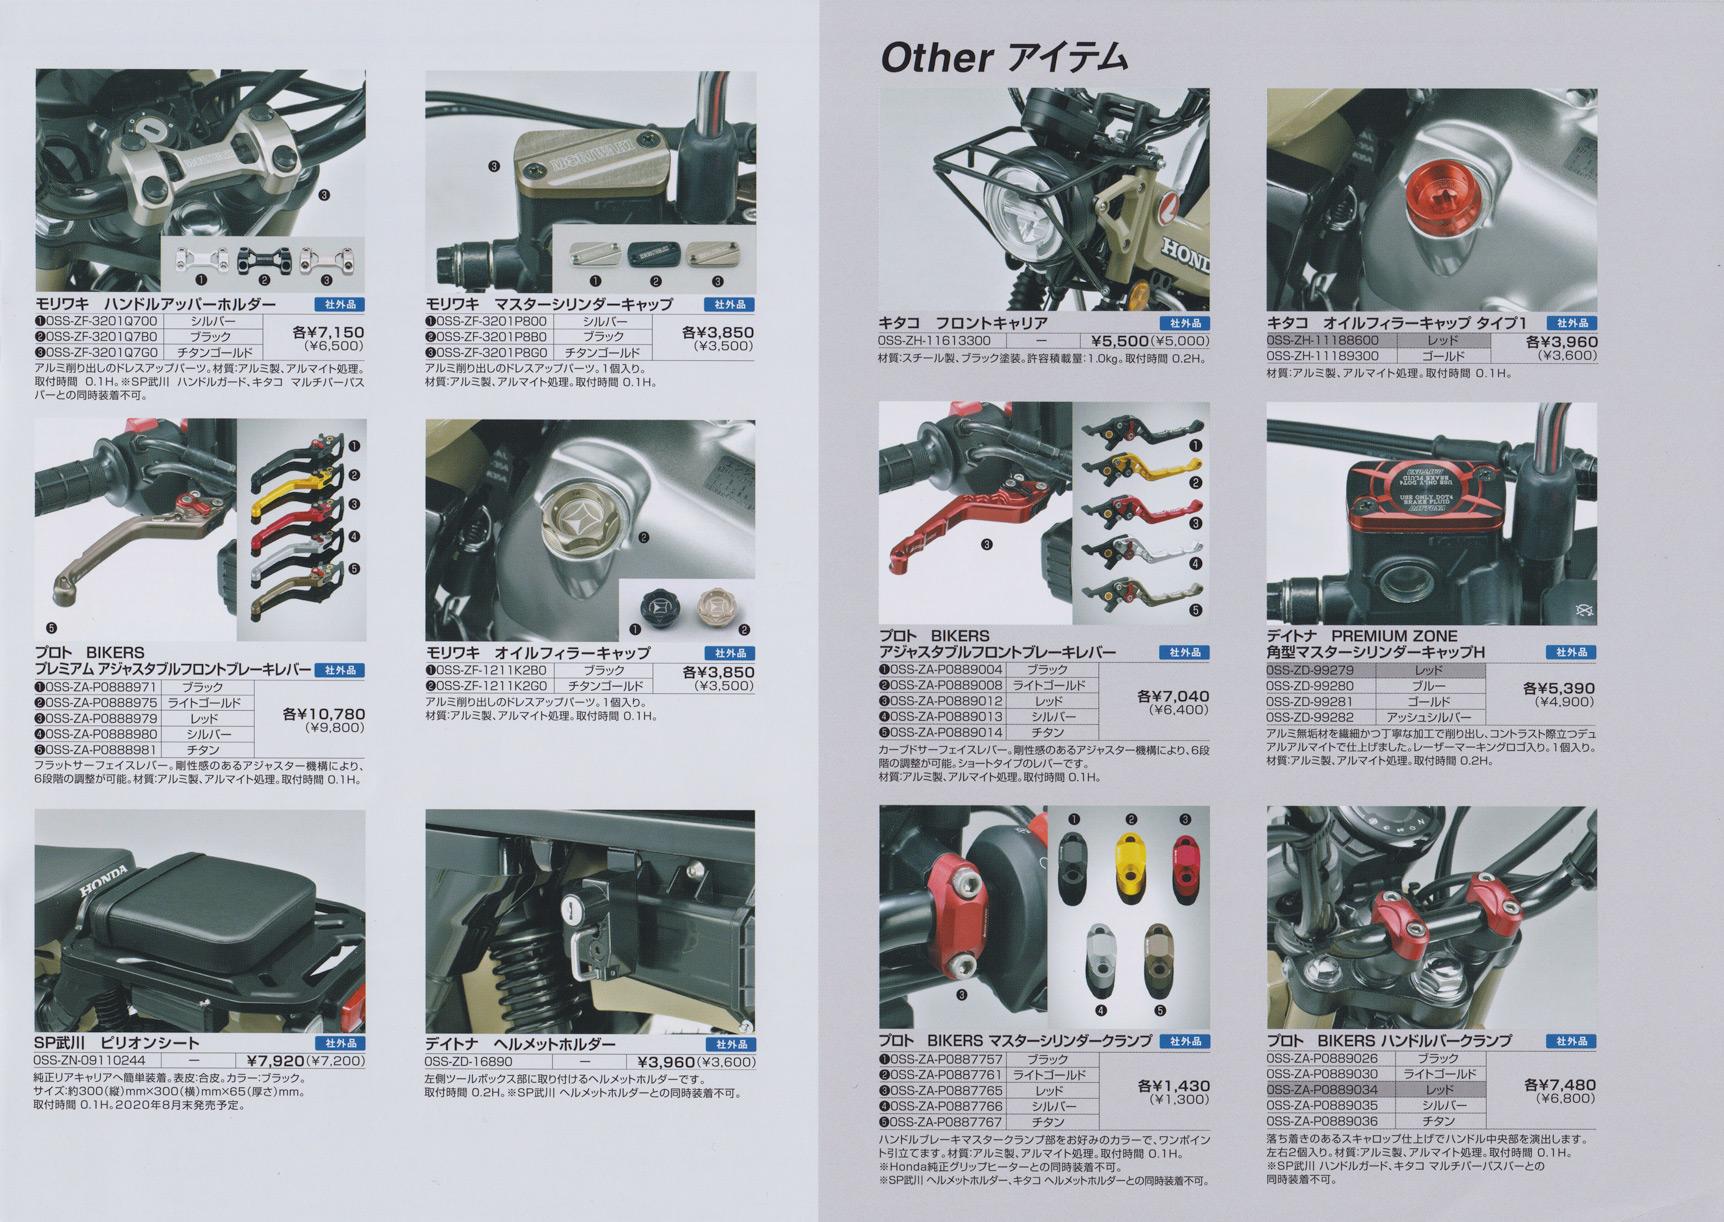 新型ハンターカブ(CT125)公式カスタマイズパーツカタログ